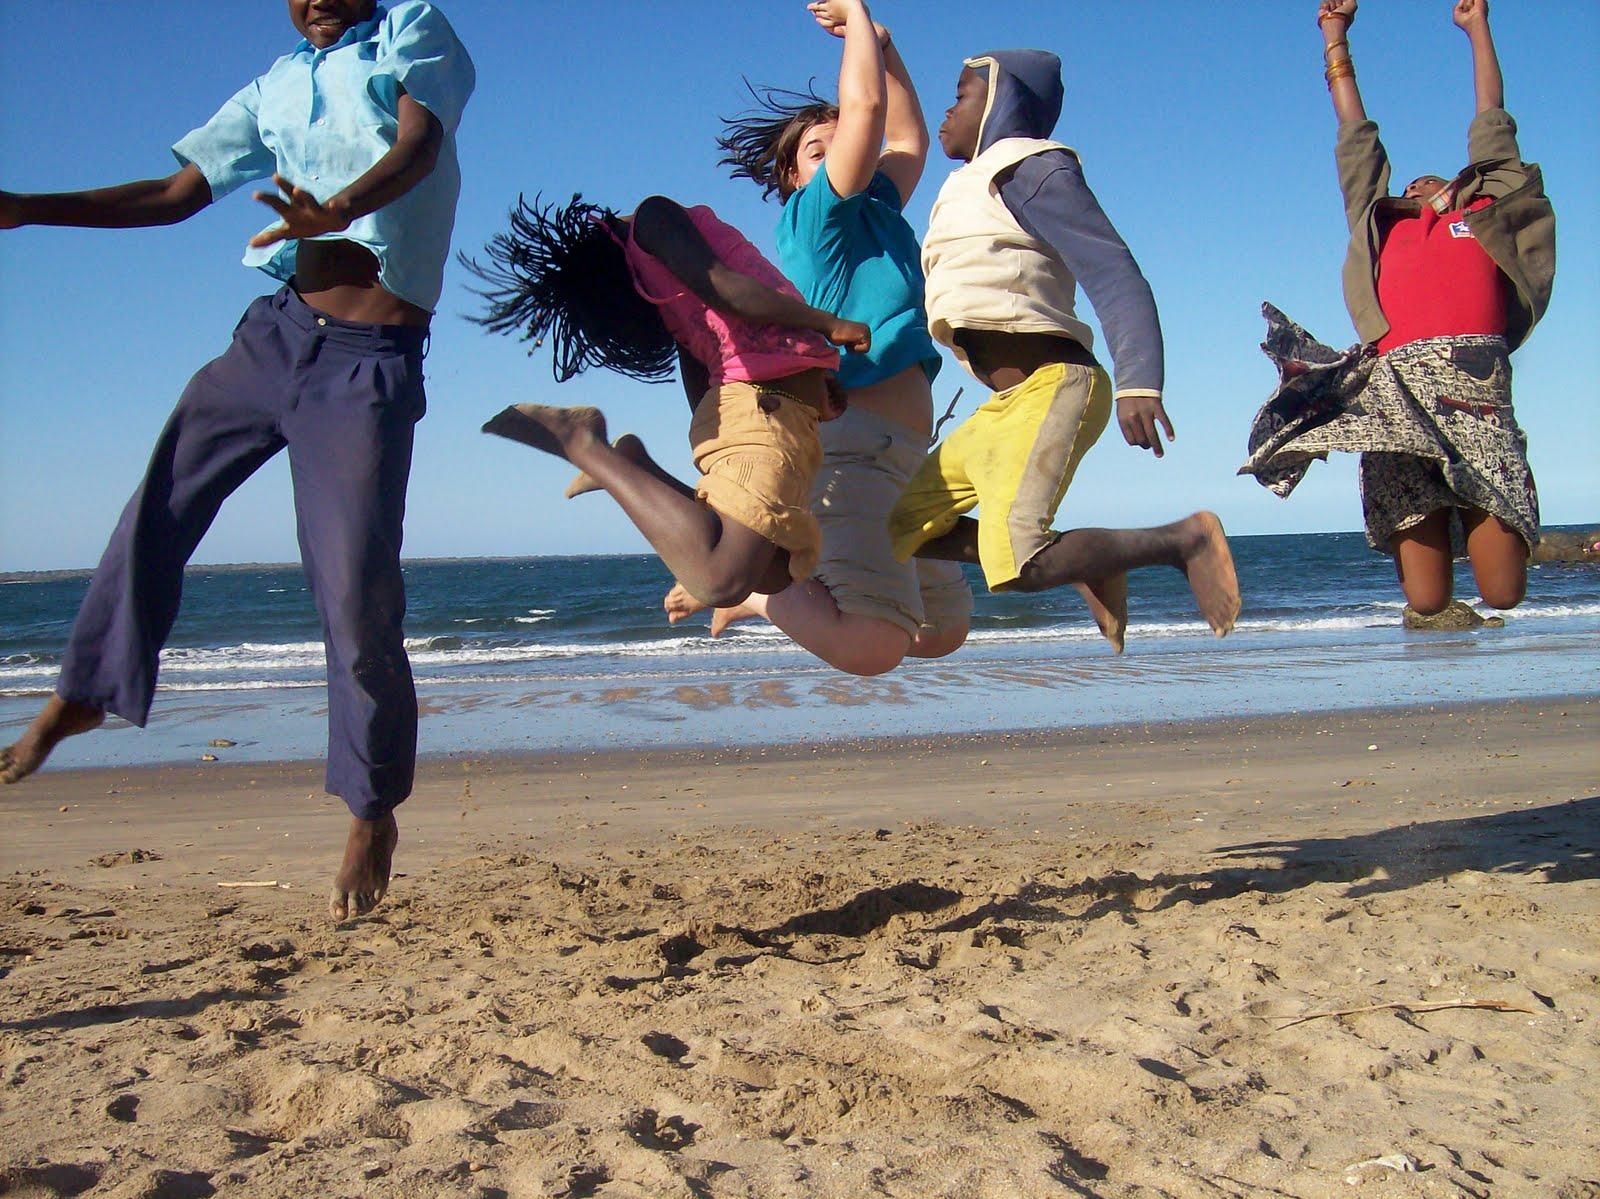 Adolescentes jugando en la playa